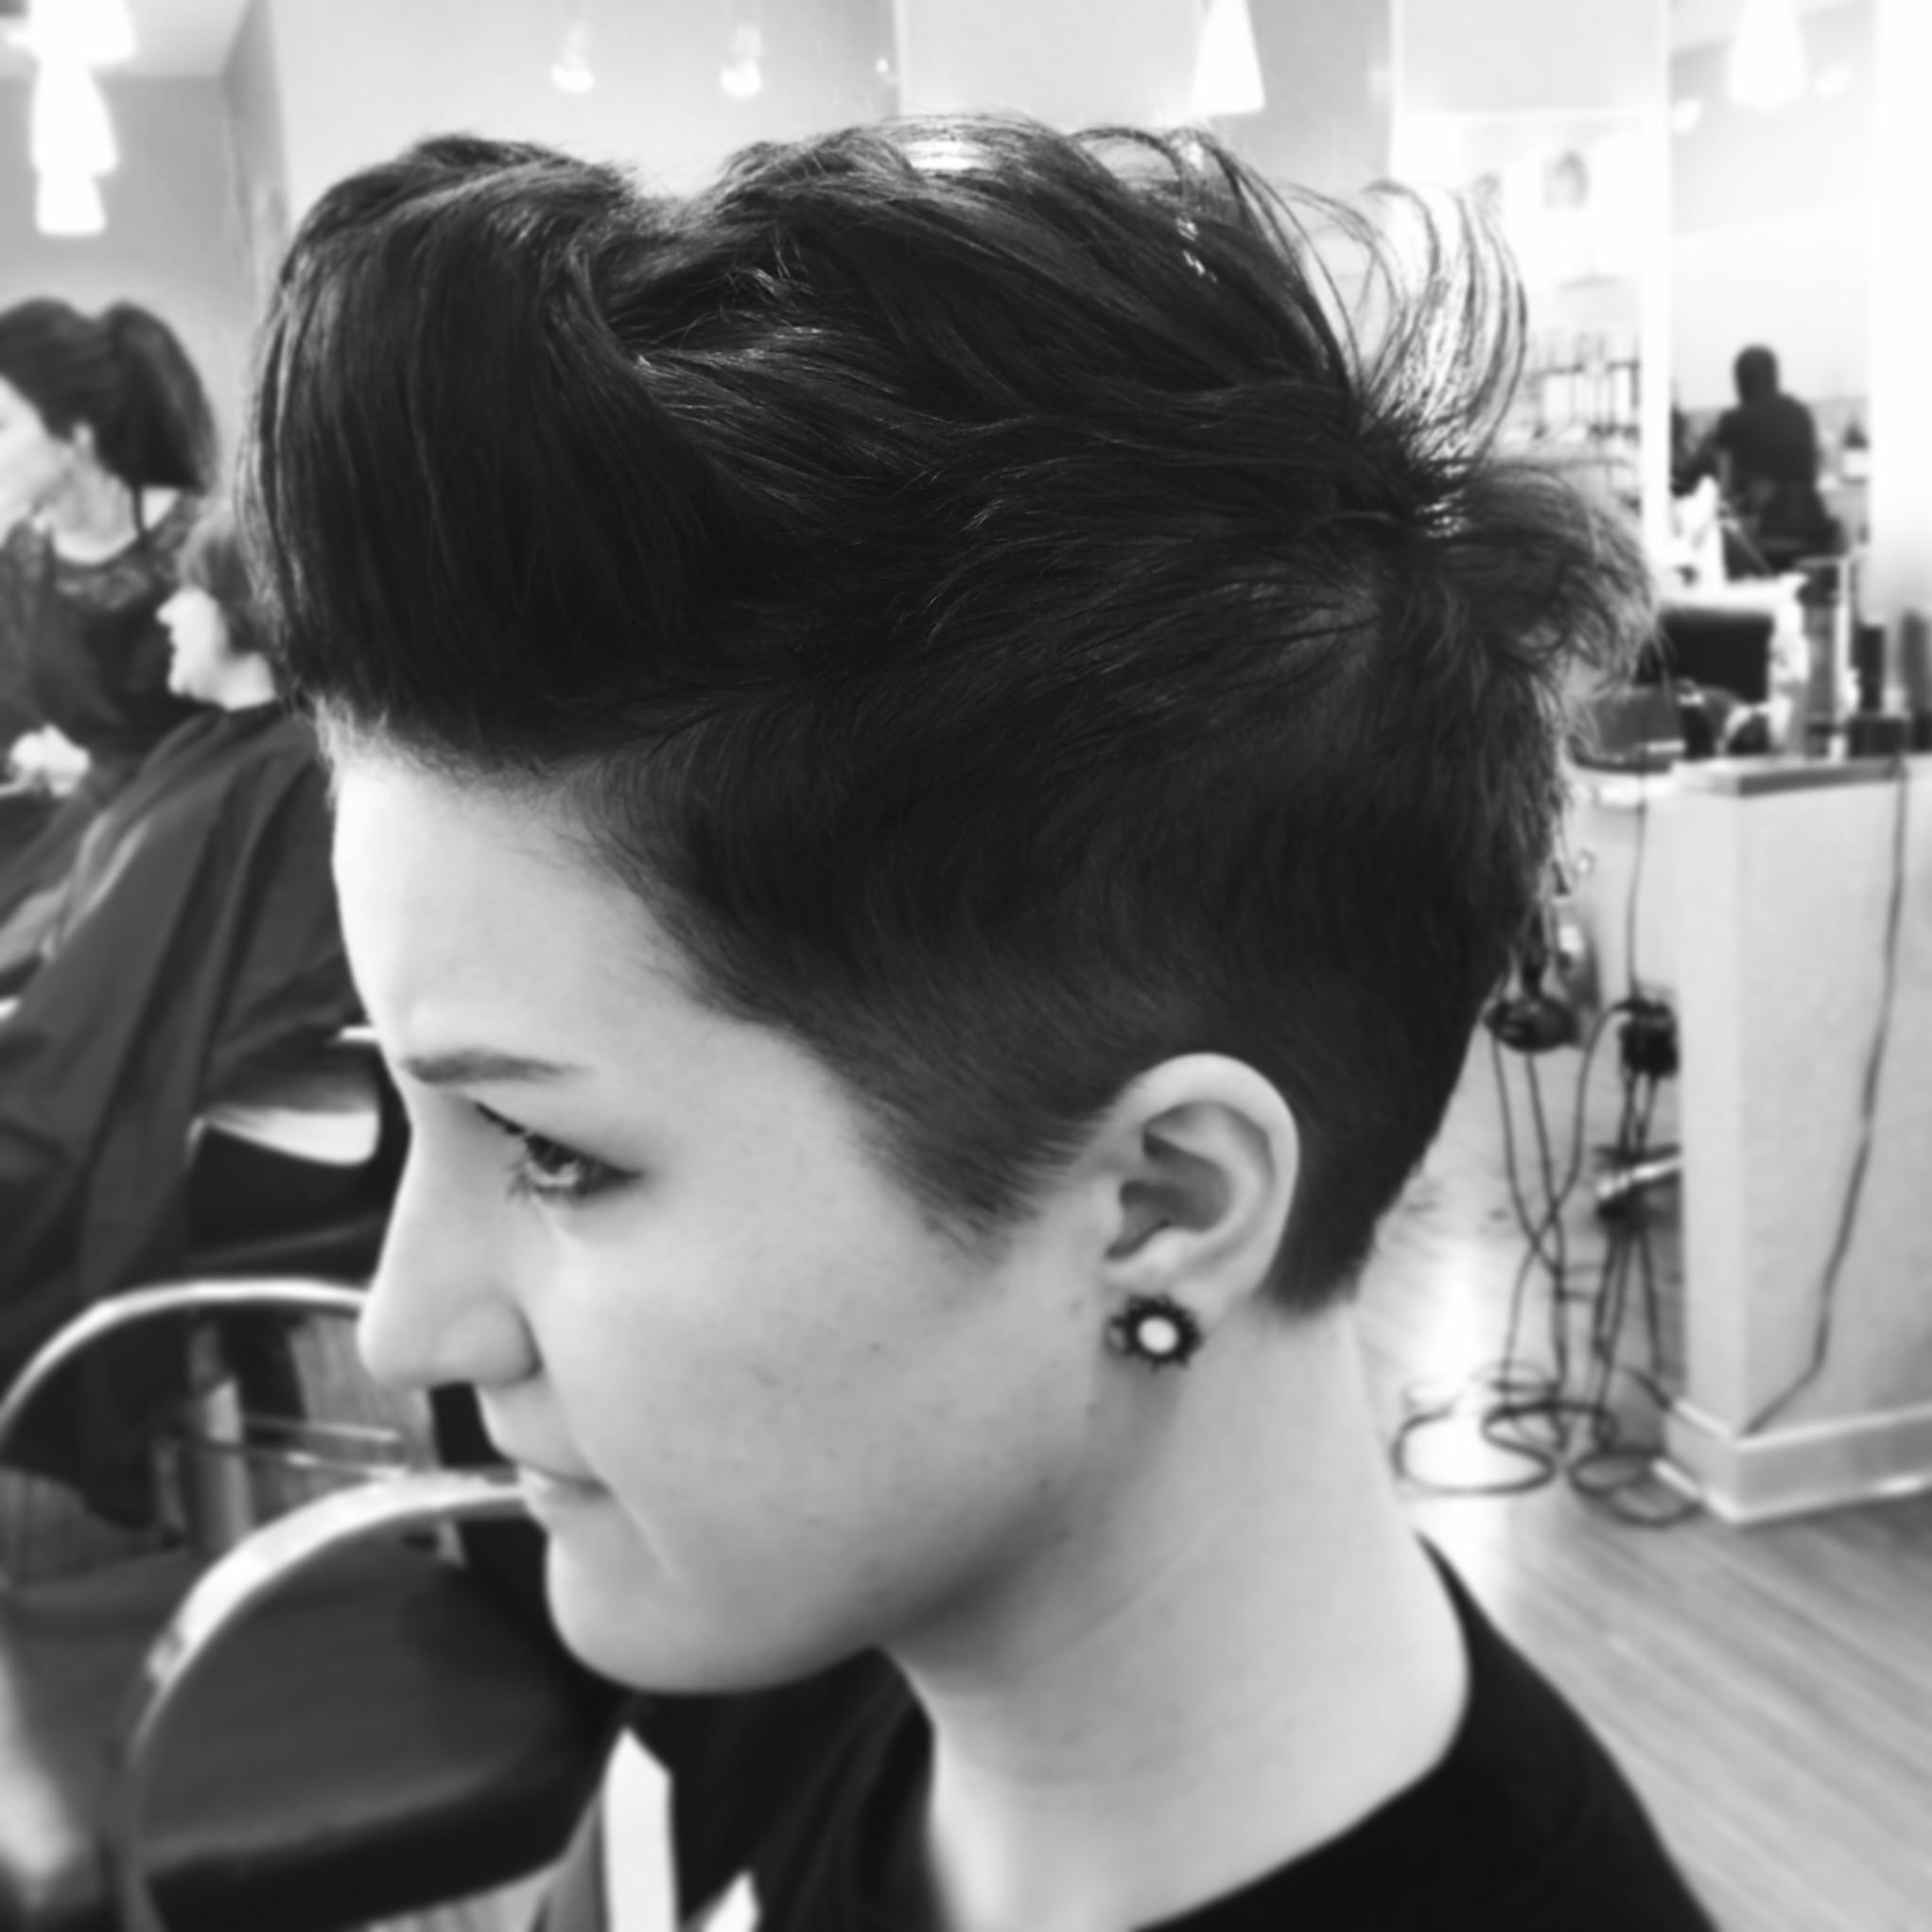 carly short dark hair.jpg